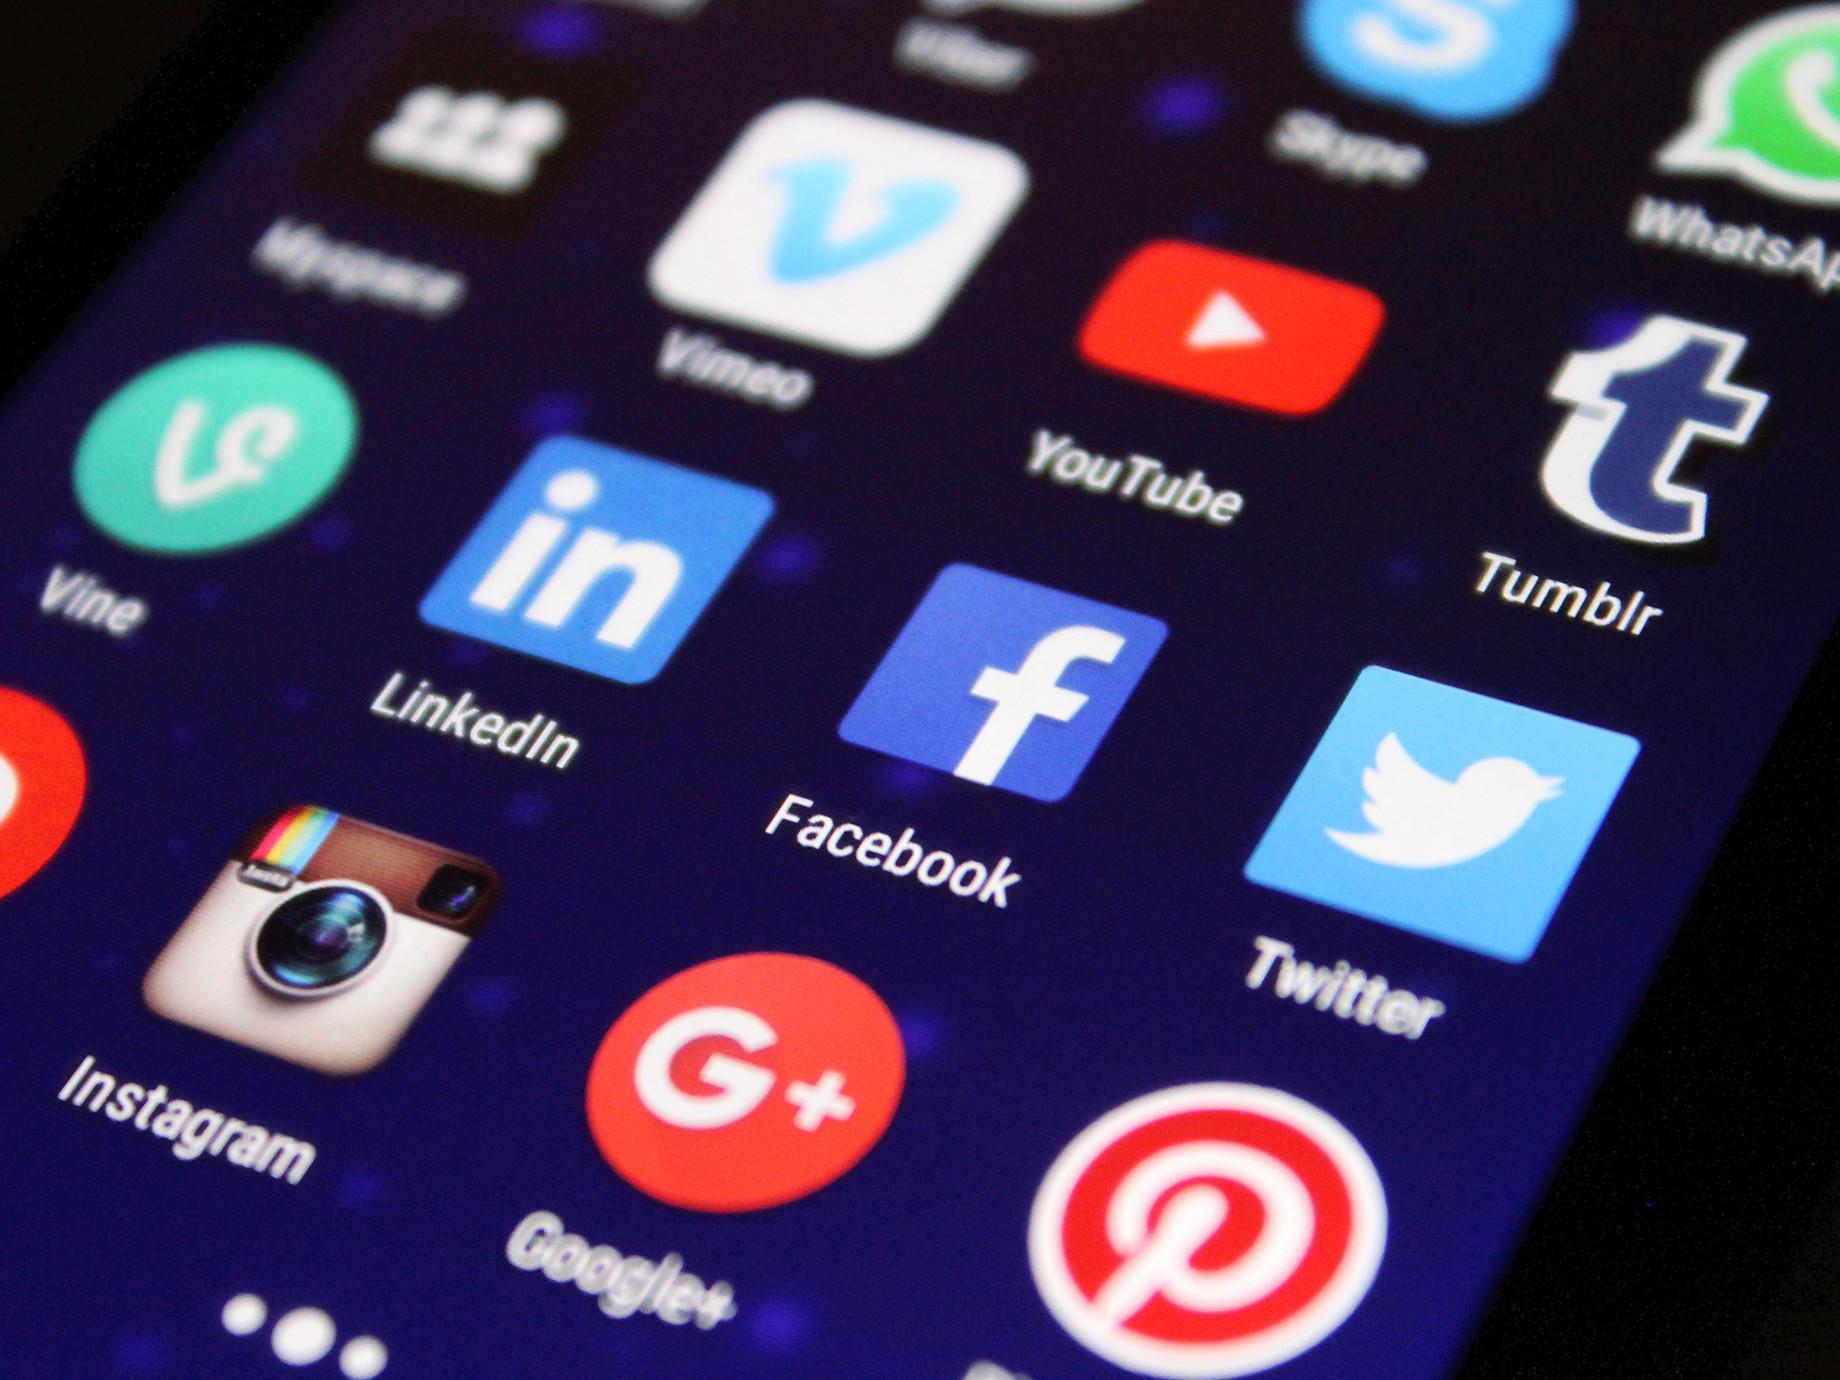 新創如何累積知名度?品牌善用社群平台的4個方法